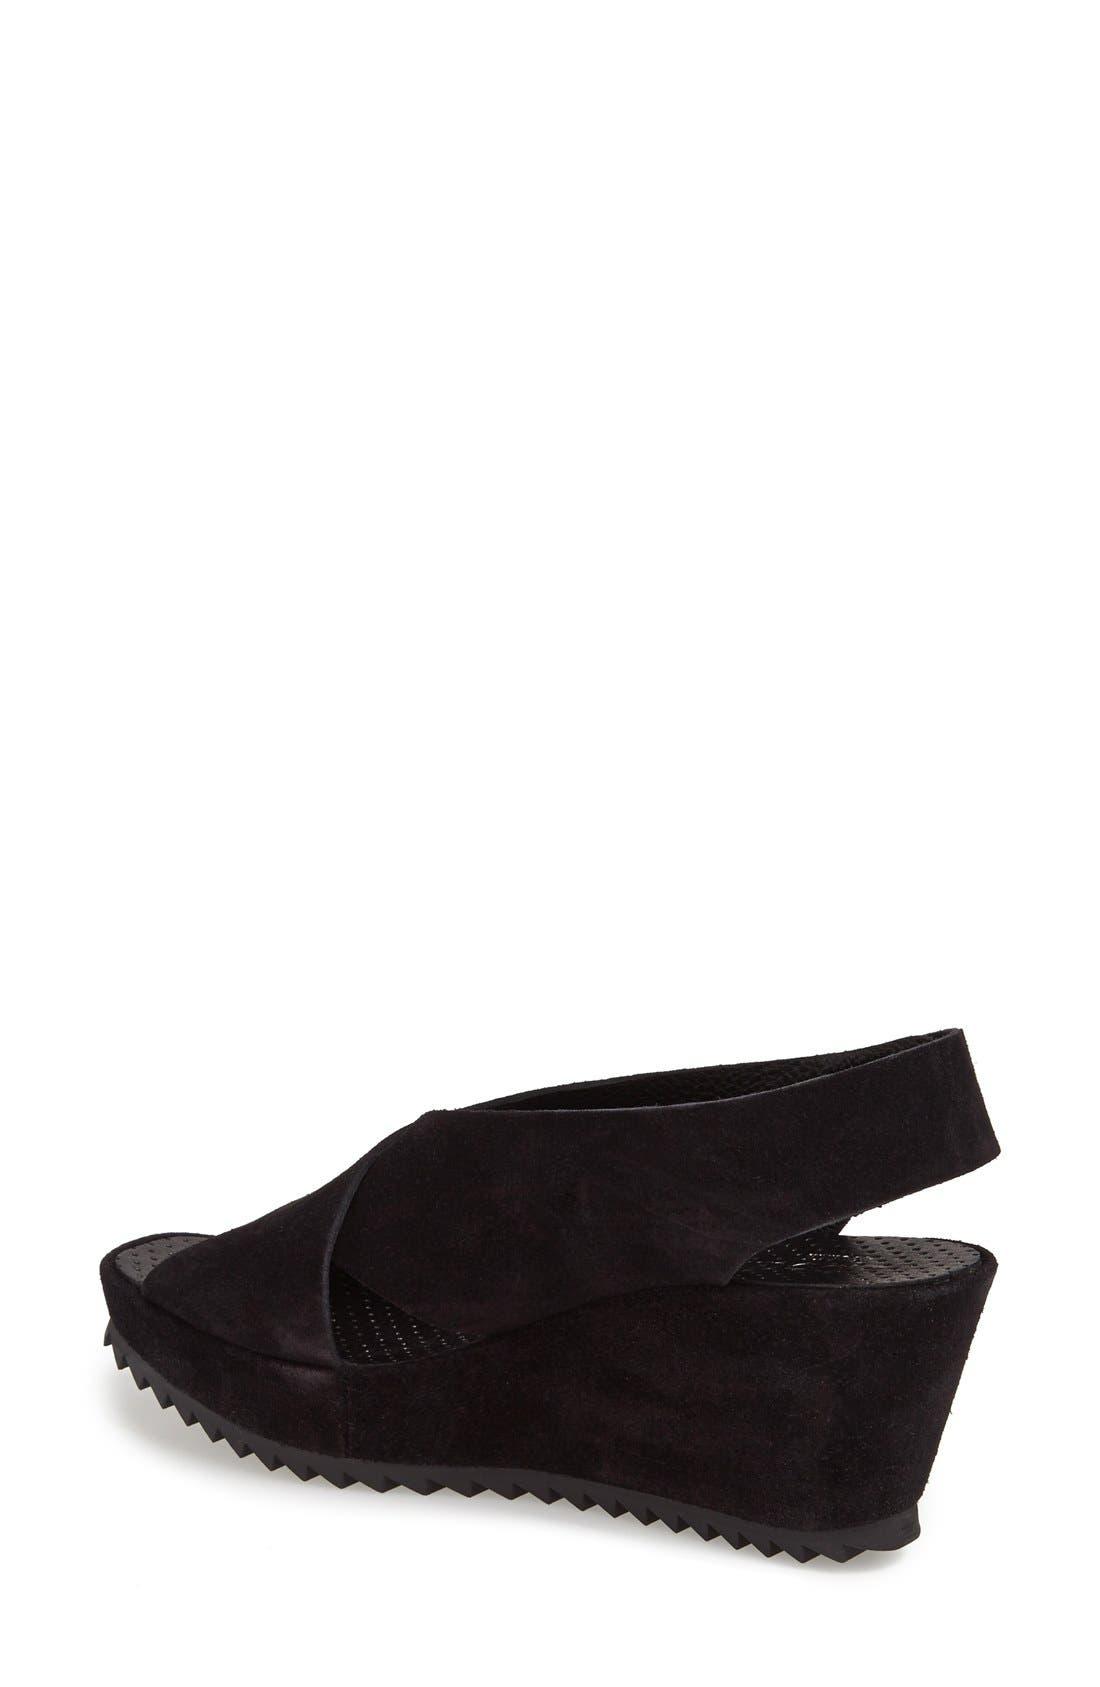 'Federica' Wedge Sandal,                             Alternate thumbnail 7, color,